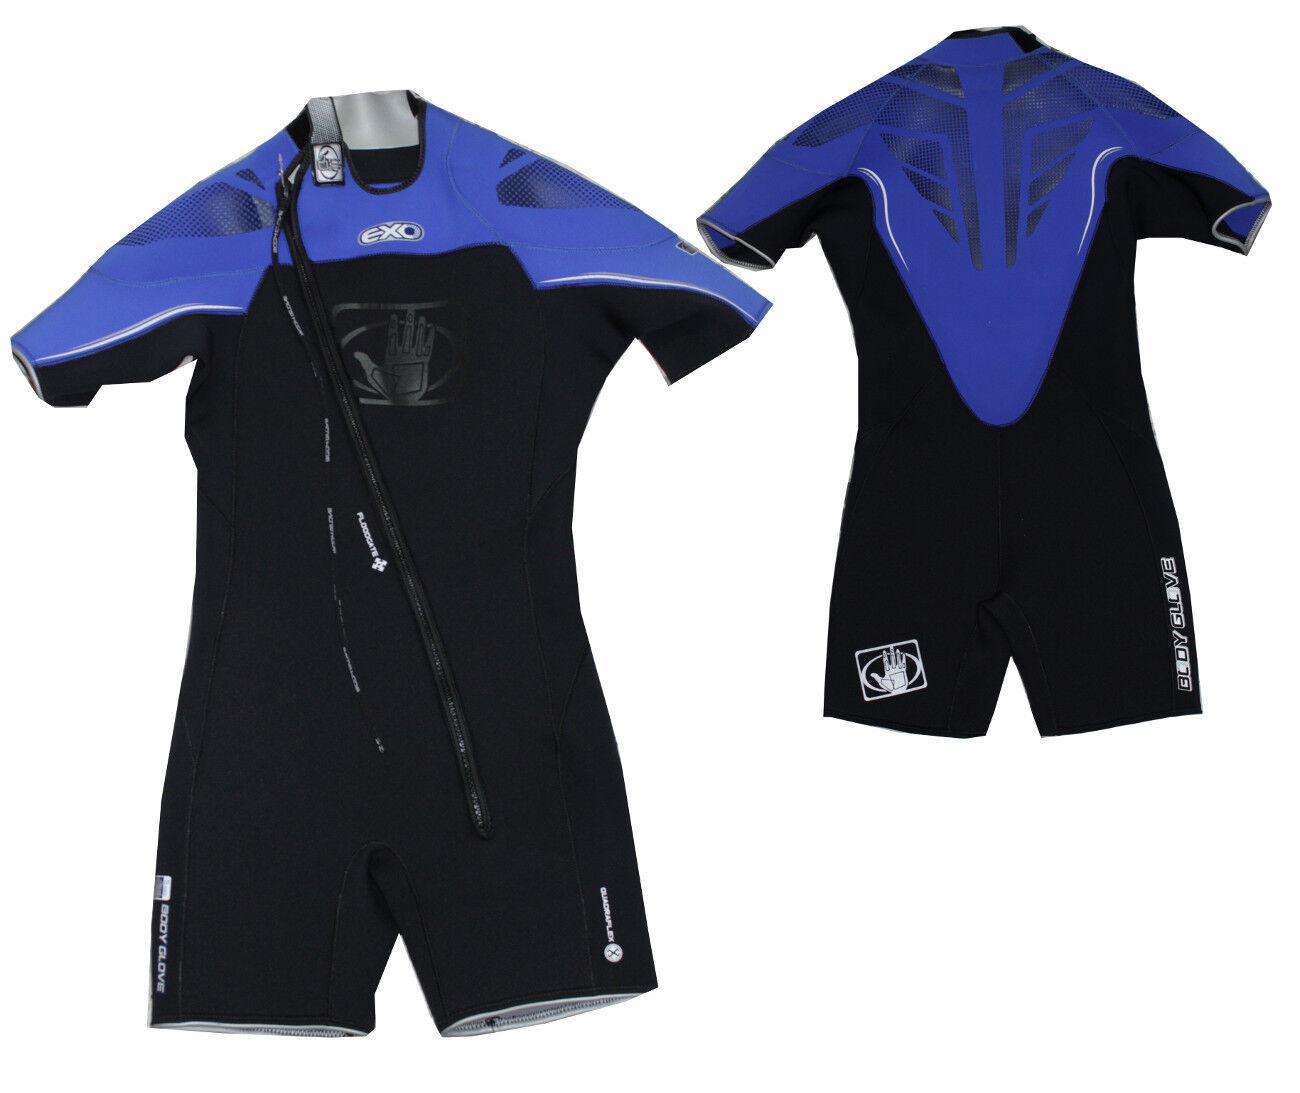 Body Glove EXO Neopren 5 mm Shorty Wellenreiten Surf Kite Wakeboard Anzug blau